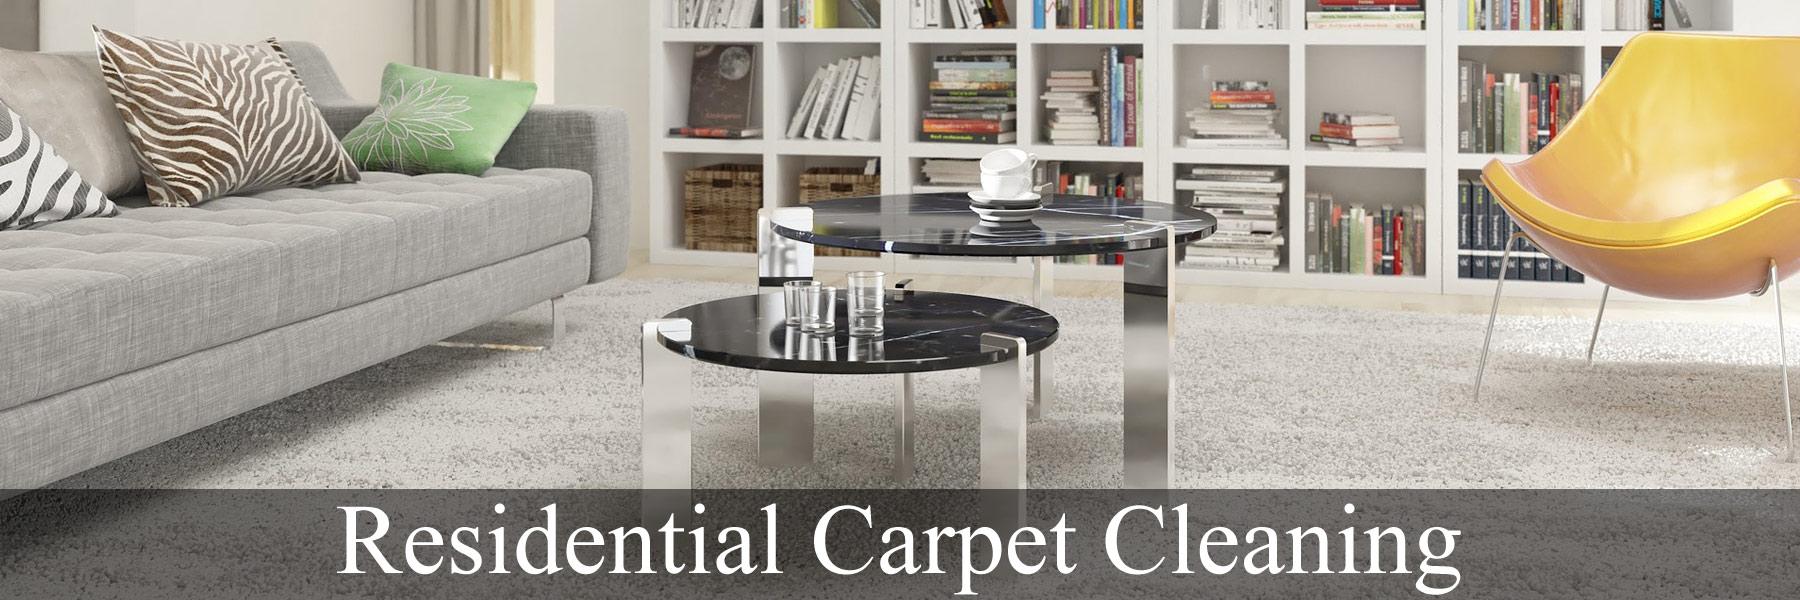 Residential-Carpet-Cleaning1_slider